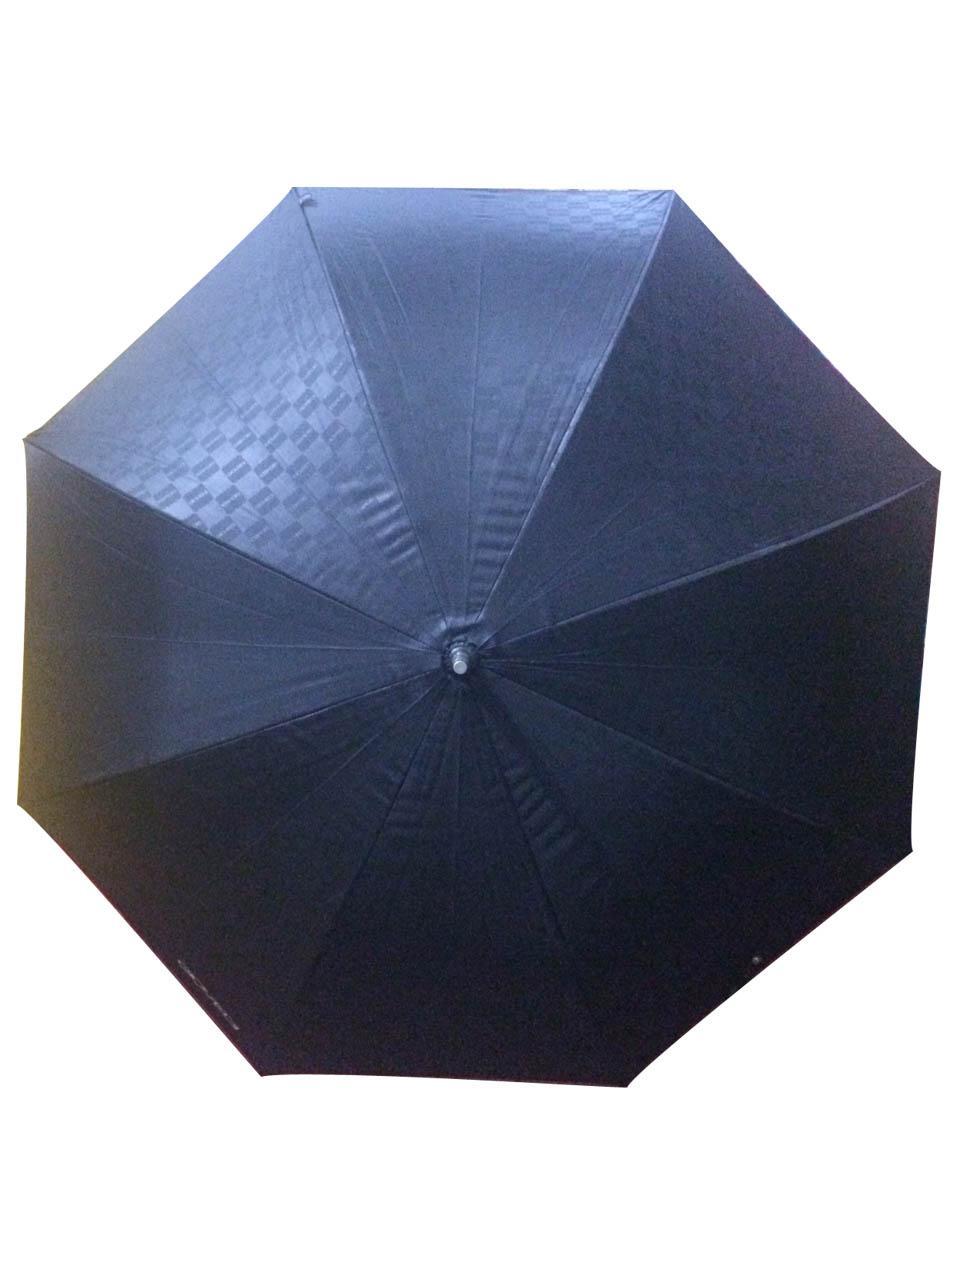 af1b641682cb Umbrella Giovedi Korean Imported Large Size